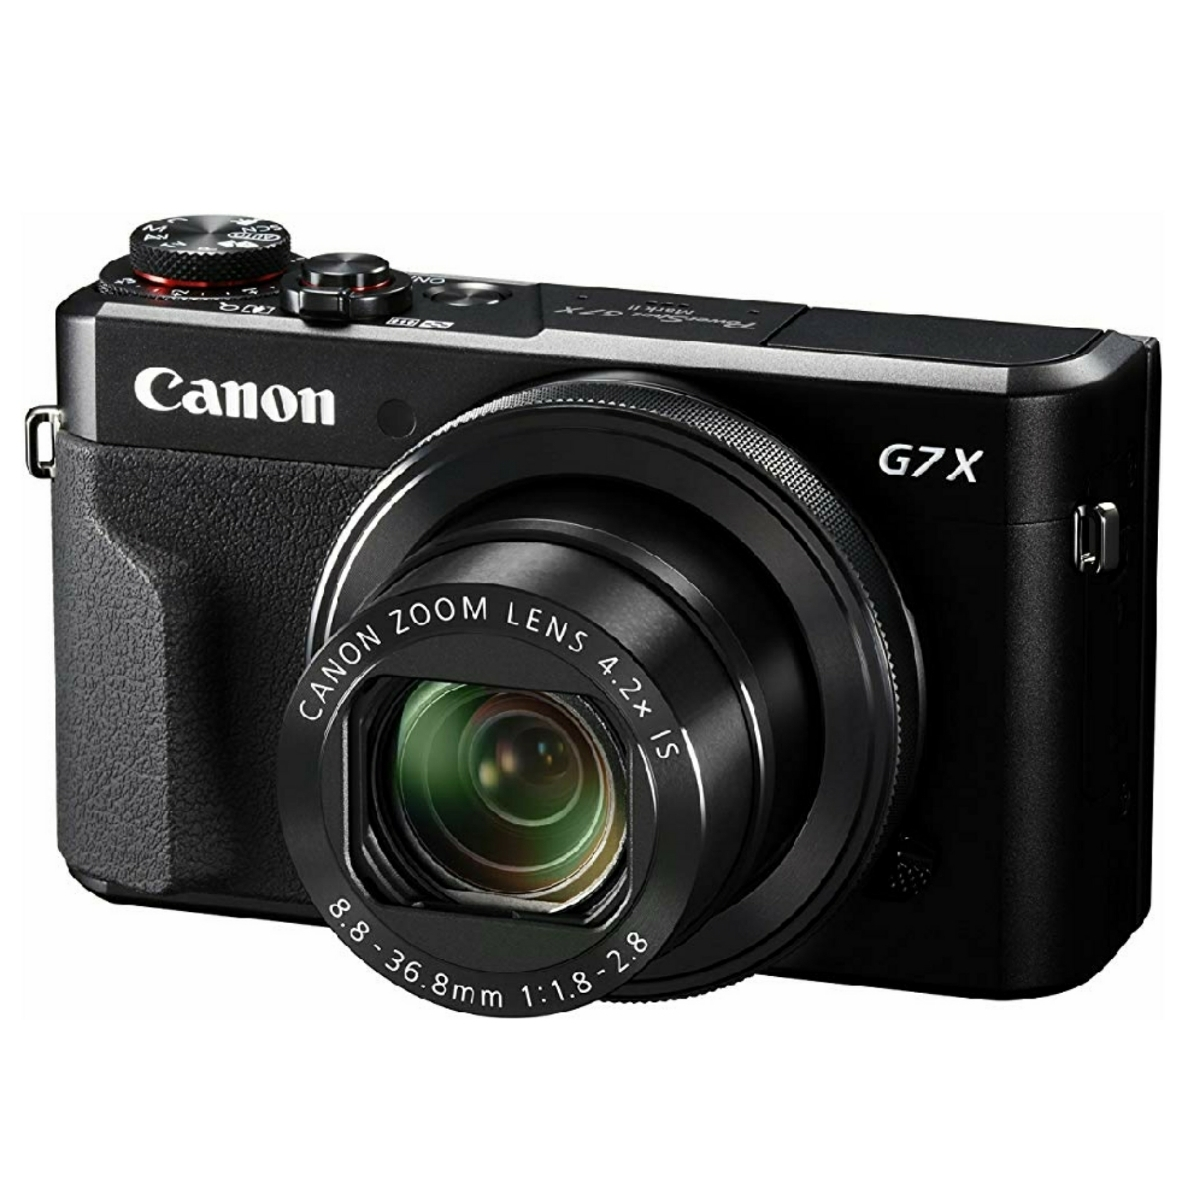 美品!】キャノン Canon デジタルカメラ PowerShot G7 X MarkII 光学4.2倍ズーム 1.0型センサー PSG7X Mark2 デジカメ PC2270 コンパクト